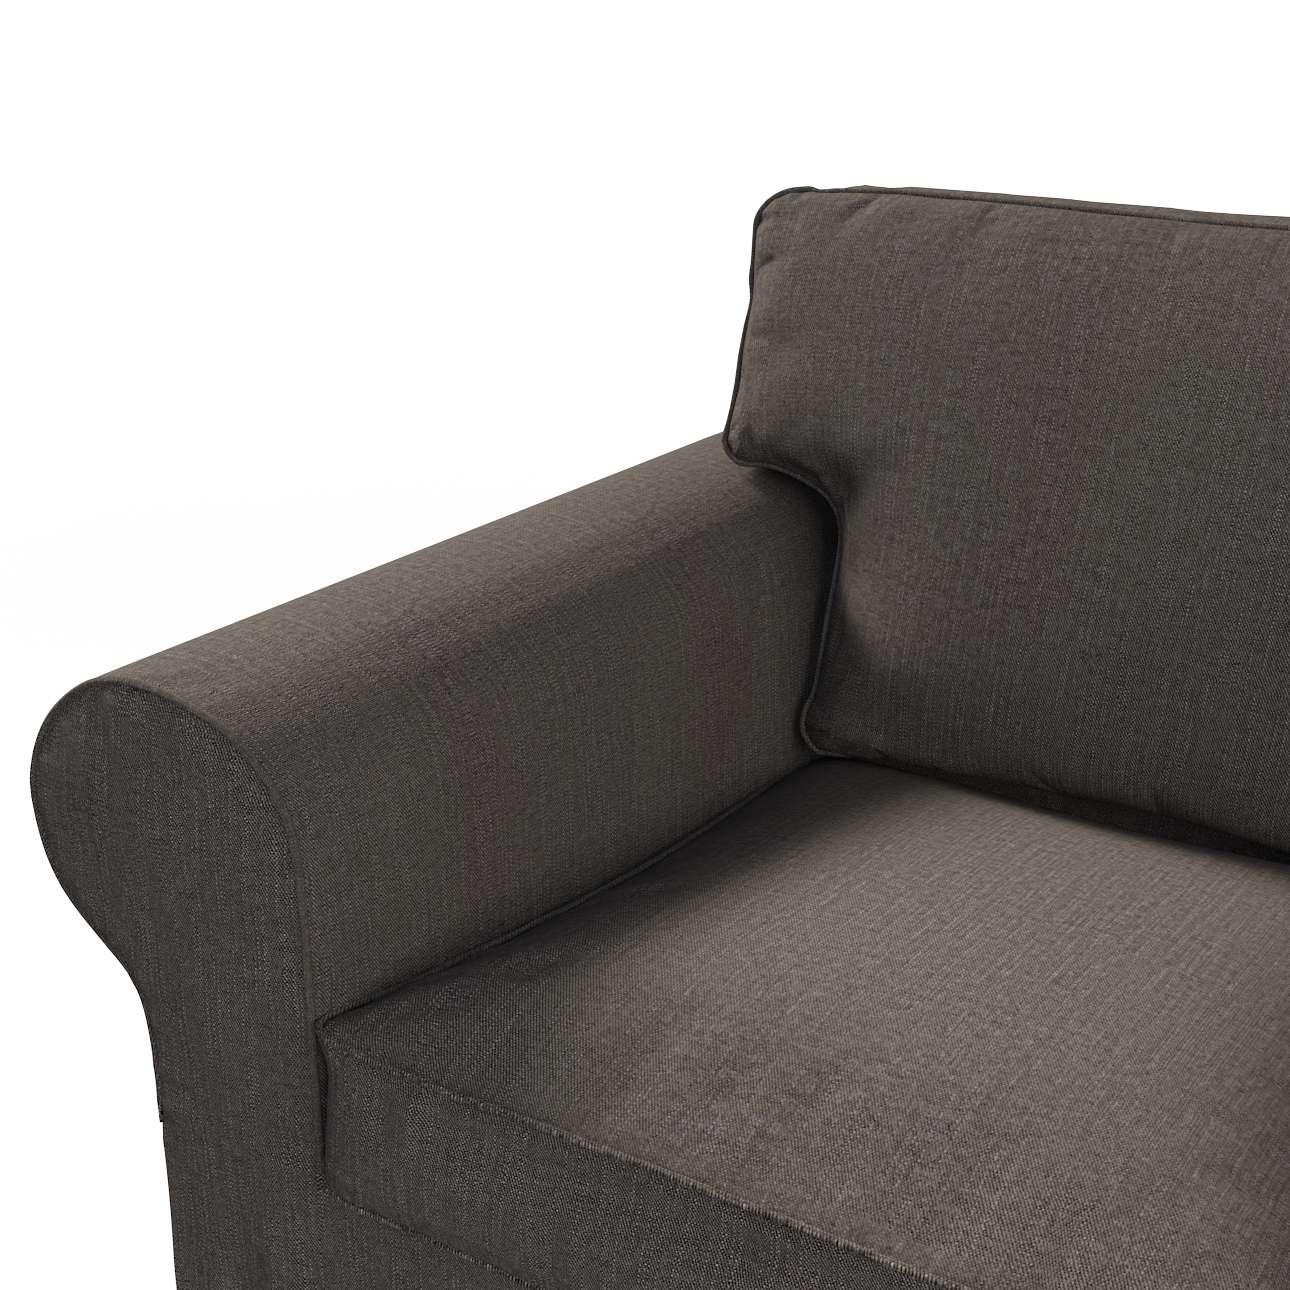 Bezug für Ektorp 2-Sitzer Schlafsofa NEUES Modell von der Kollektion Etna, Stoff: 702-36